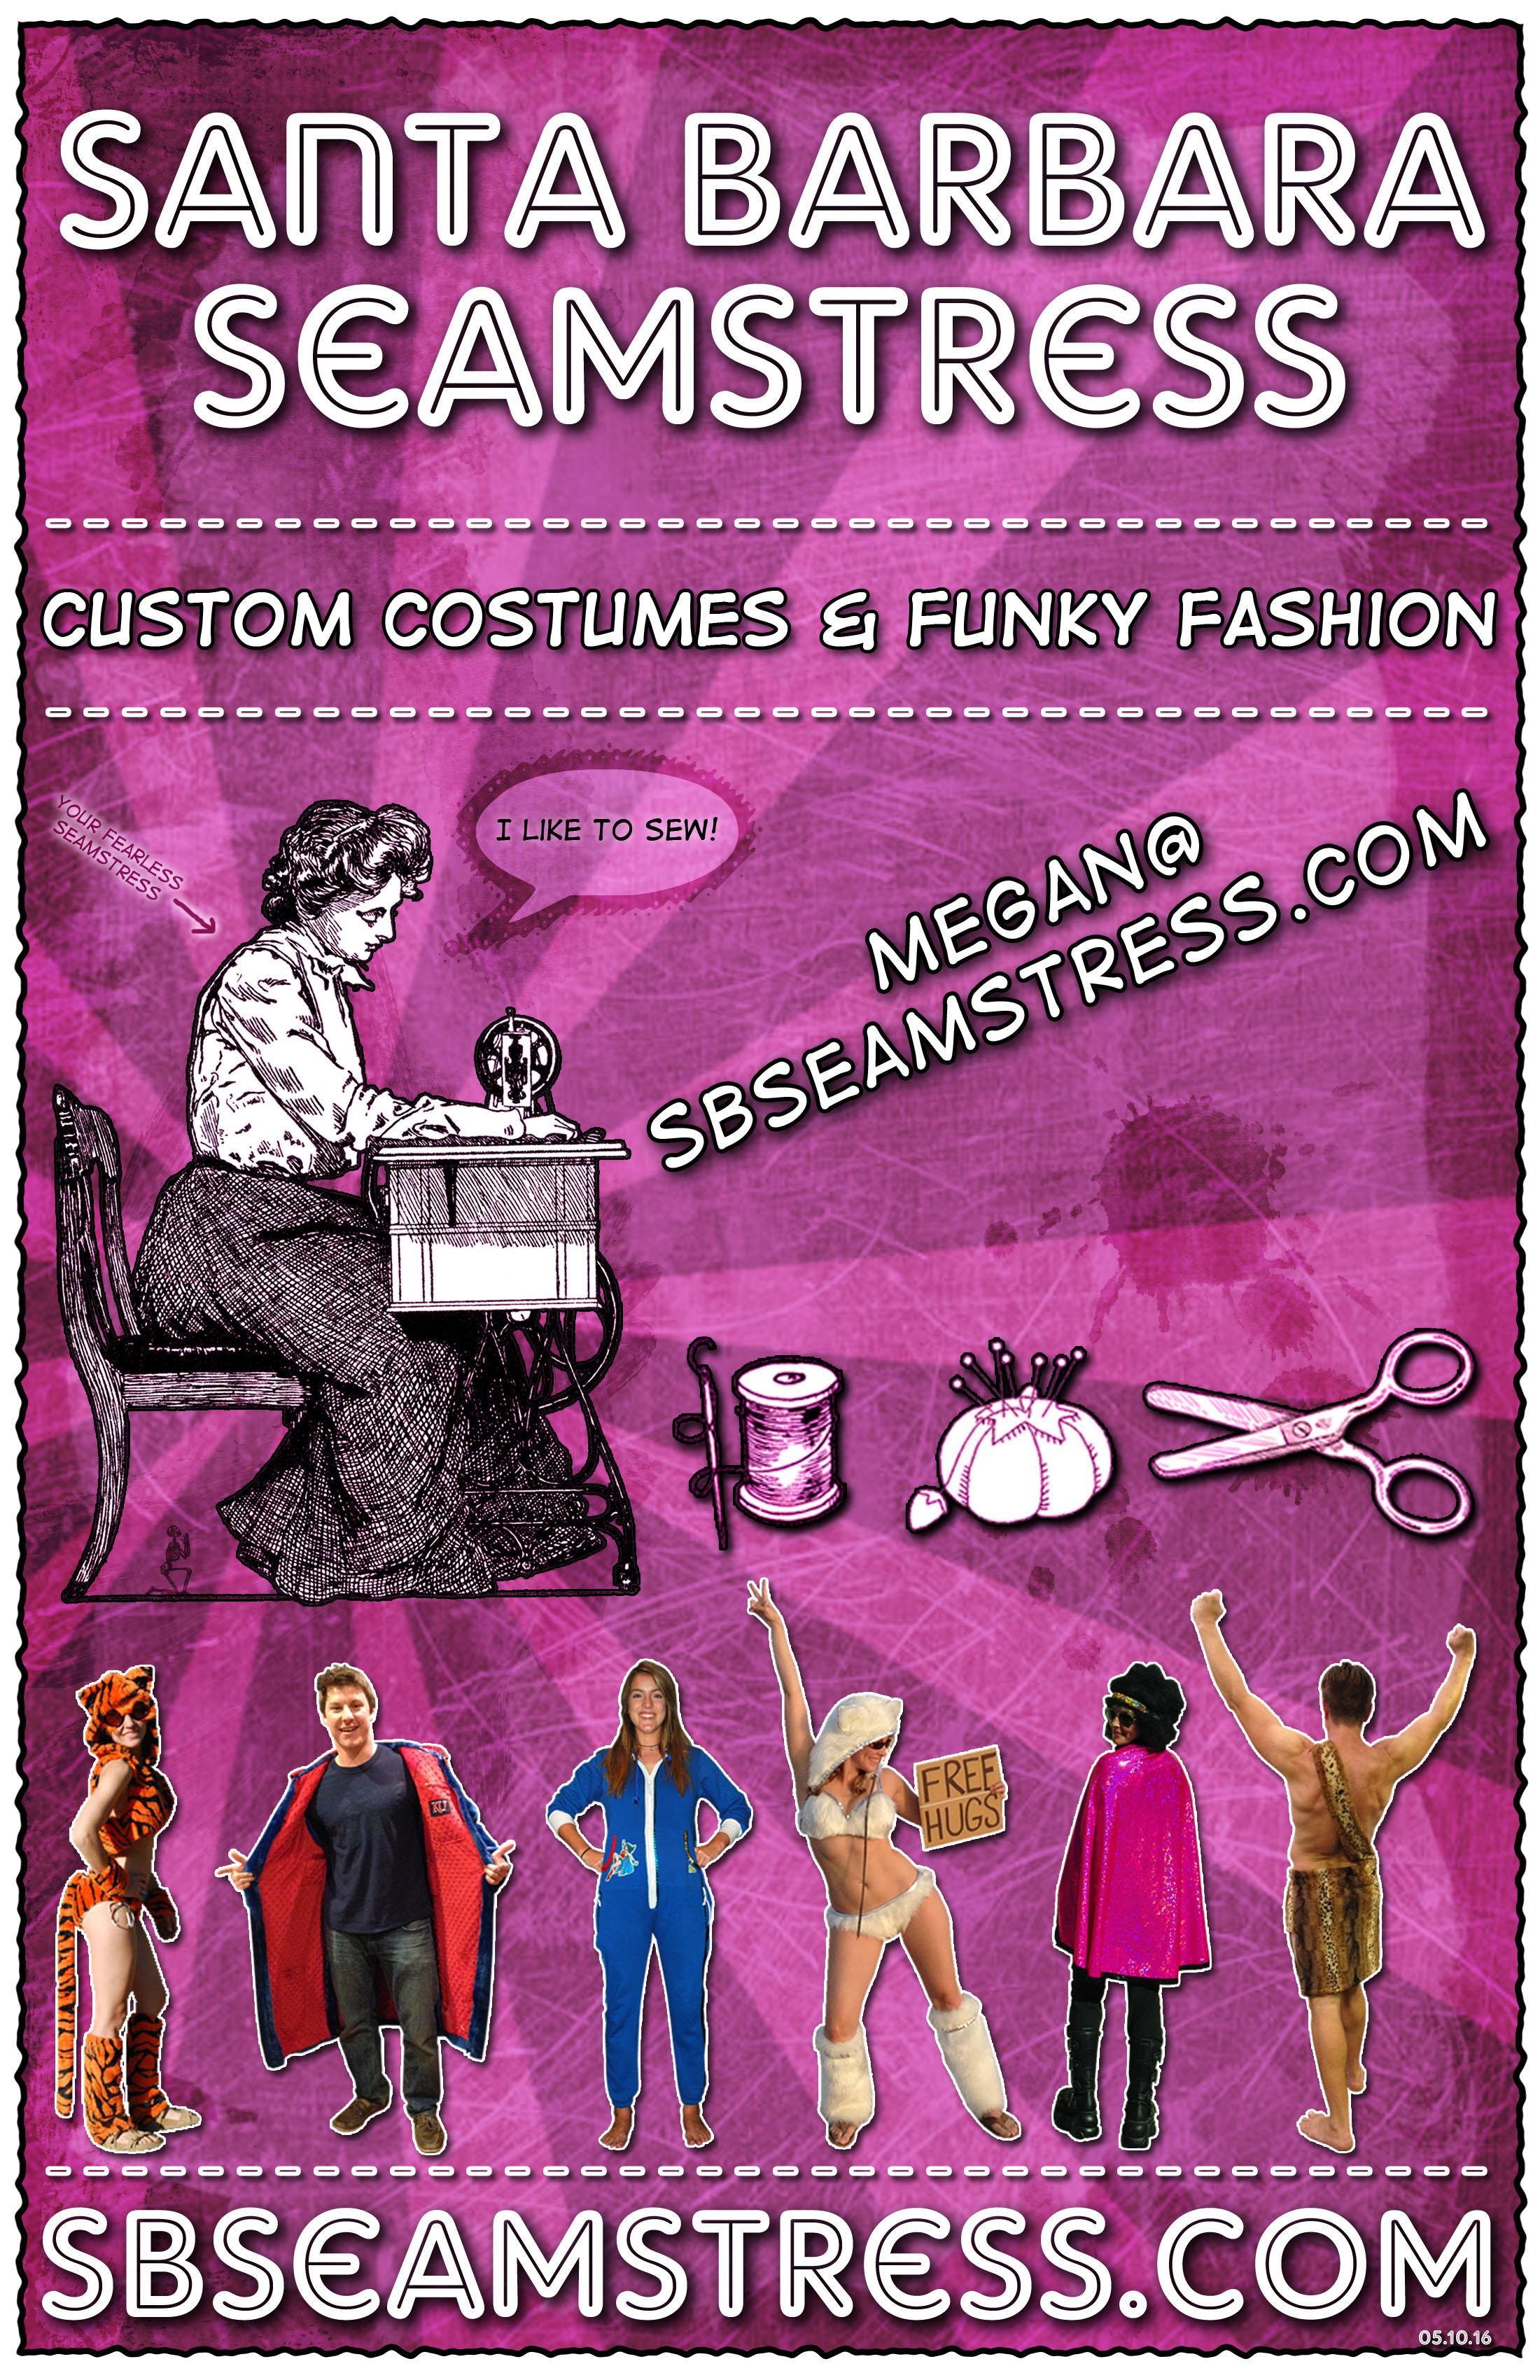 Santa Barbara Seamstress Flyer-Pink- SB Seamstress